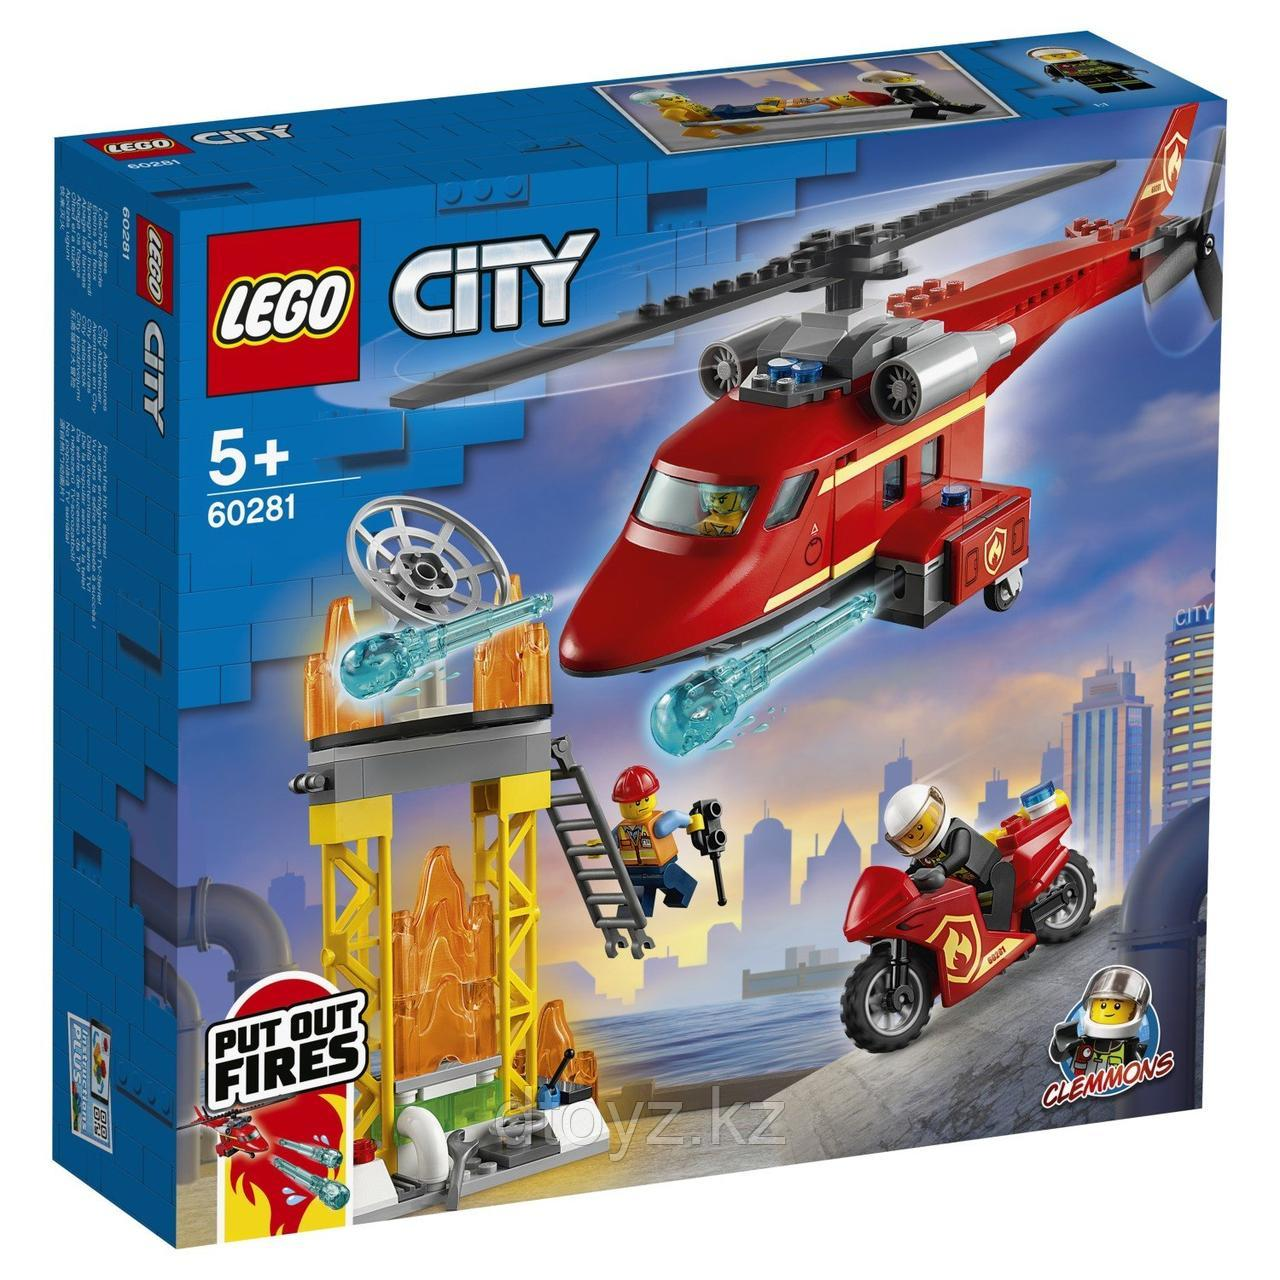 Lego City Спасательный пожарный вертолёт 60281